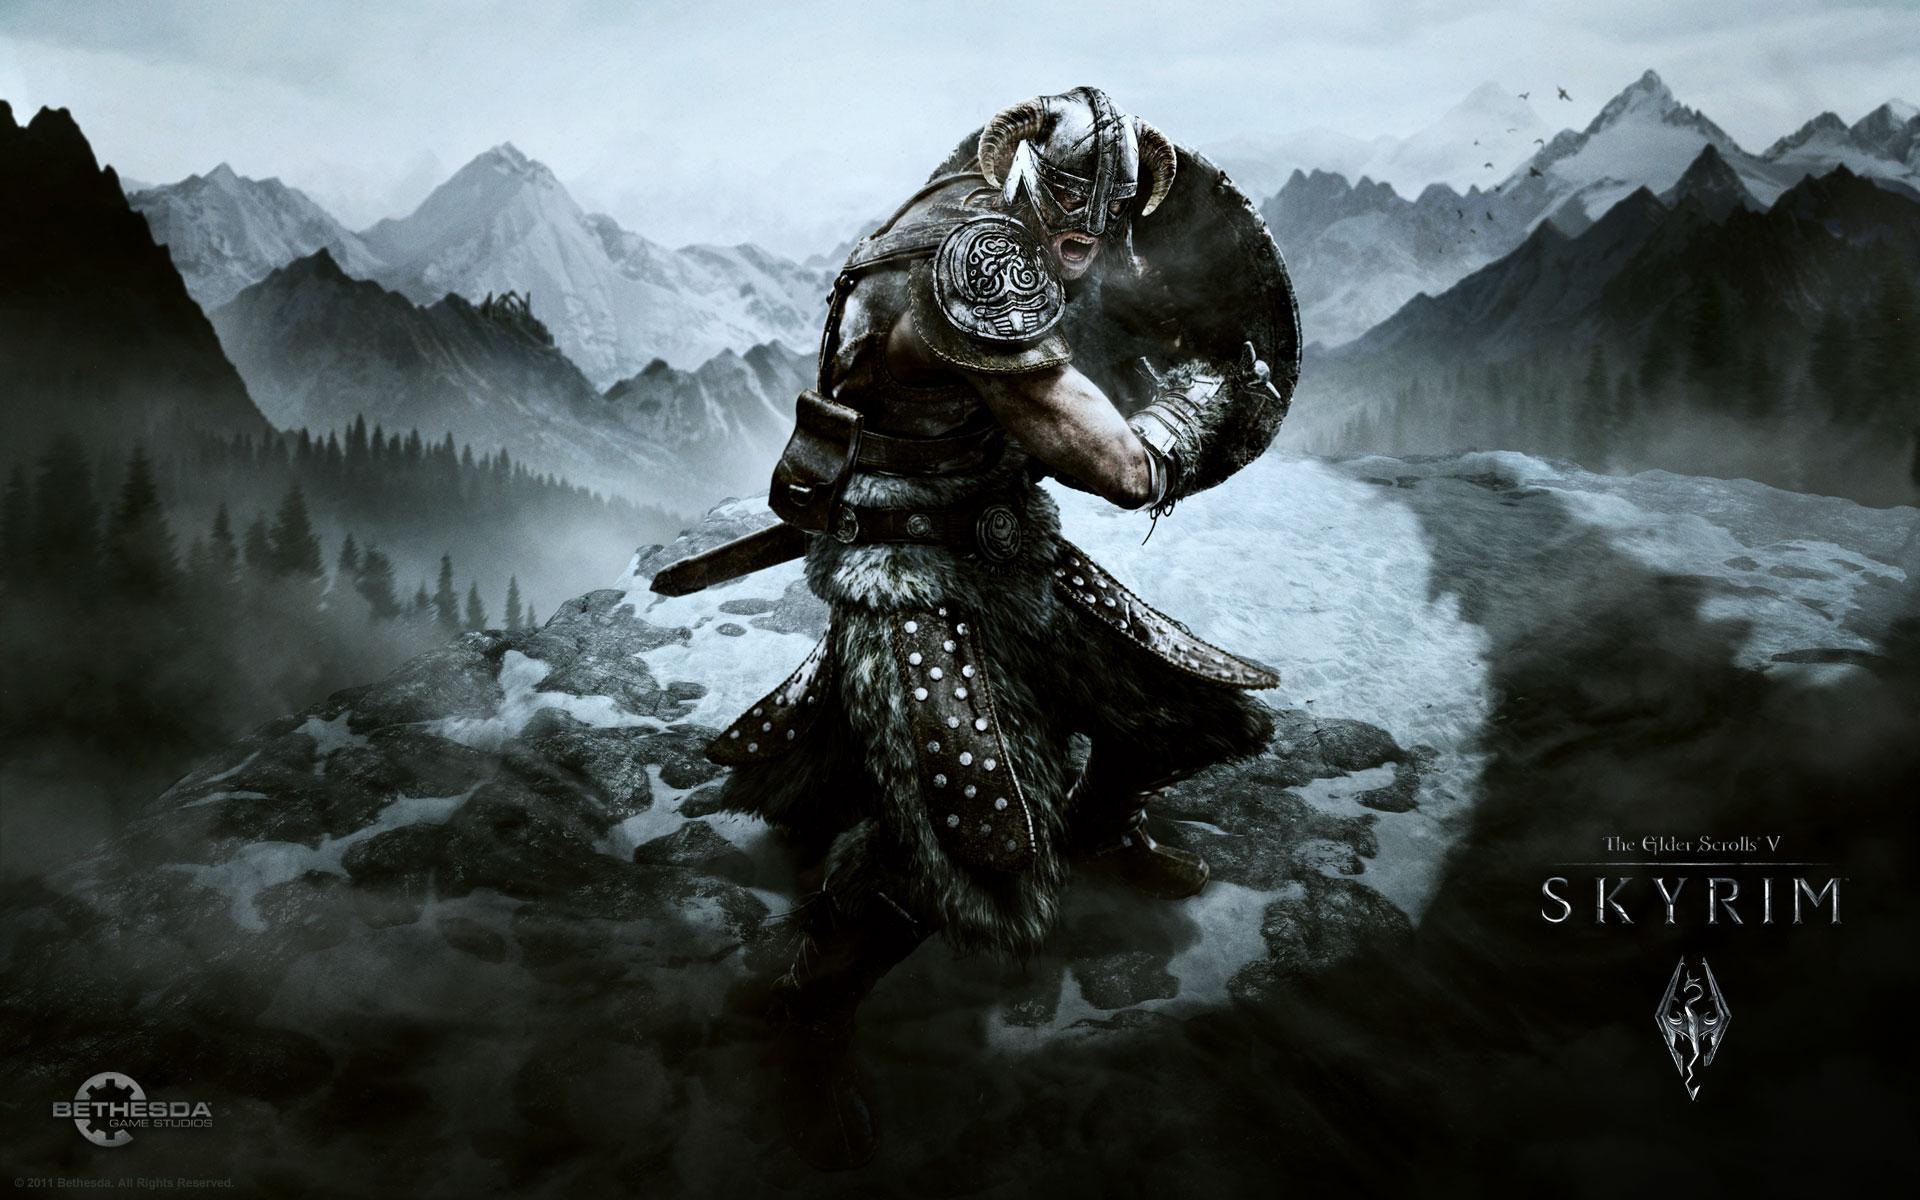 Skyrim: Rollenspiel soll unbegrenzte Anzahl von Quests generieren